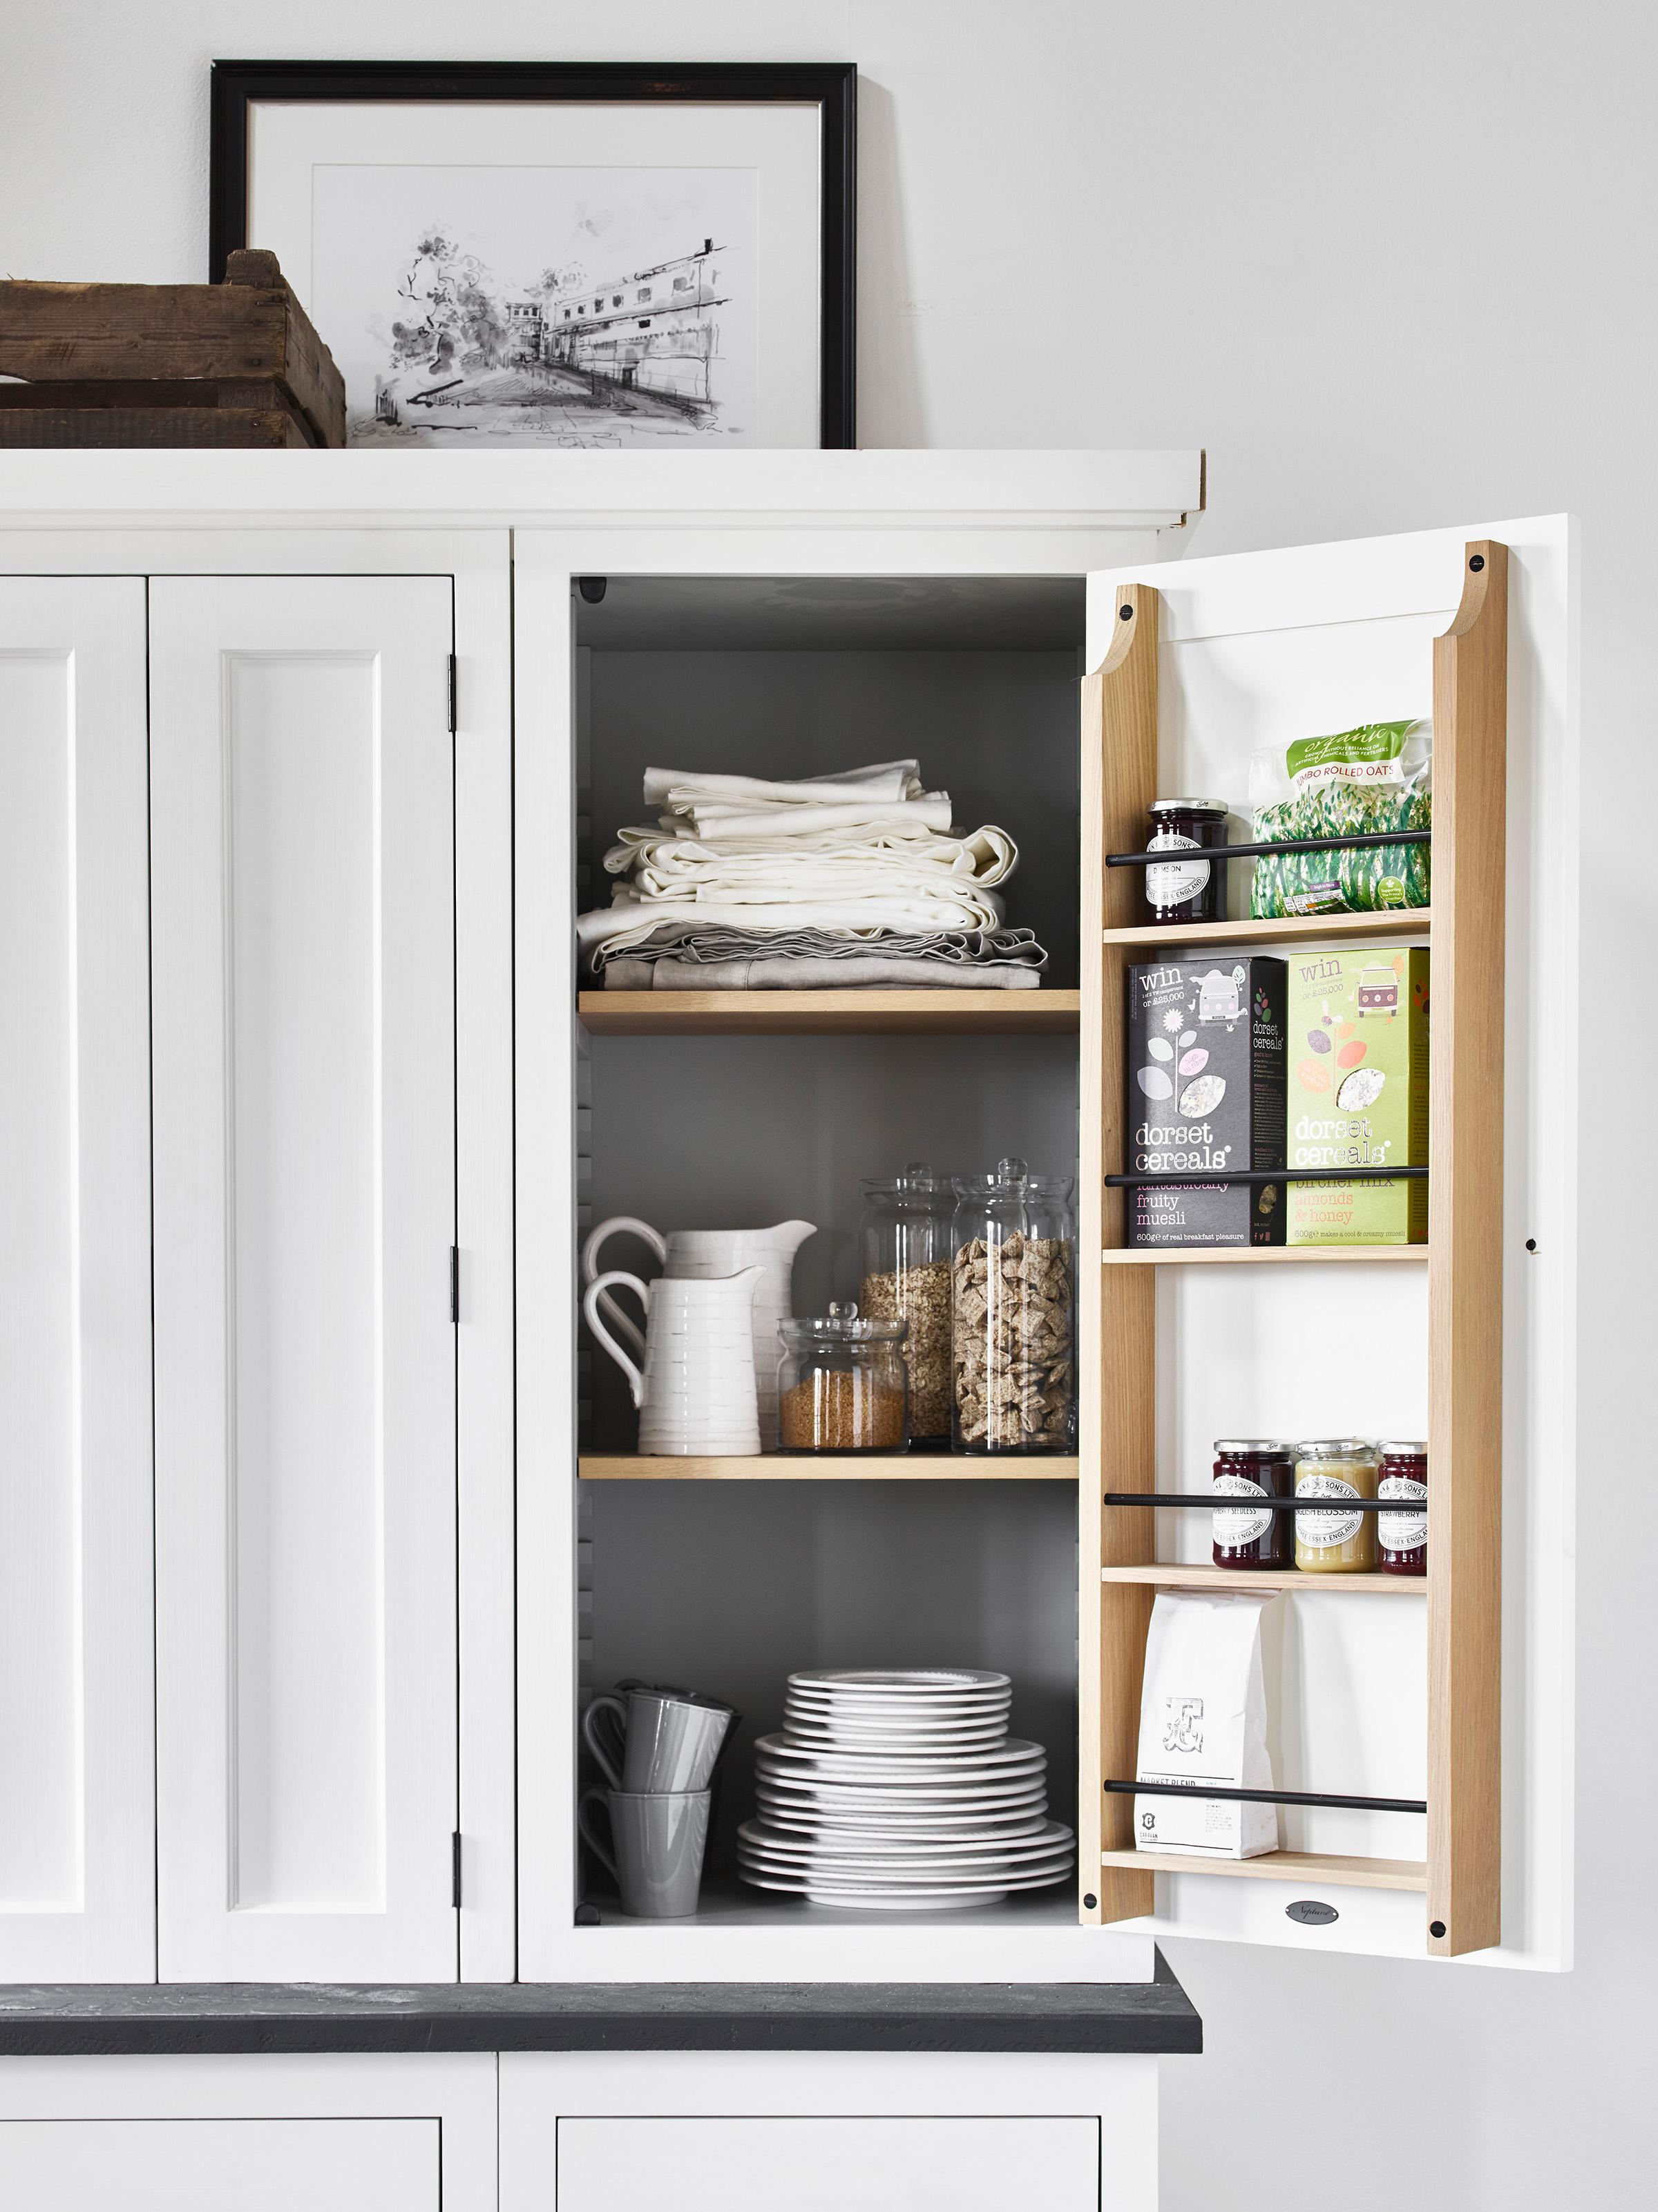 Küchen Im Landhausstil • Bilder & Ideen • Couchstyle